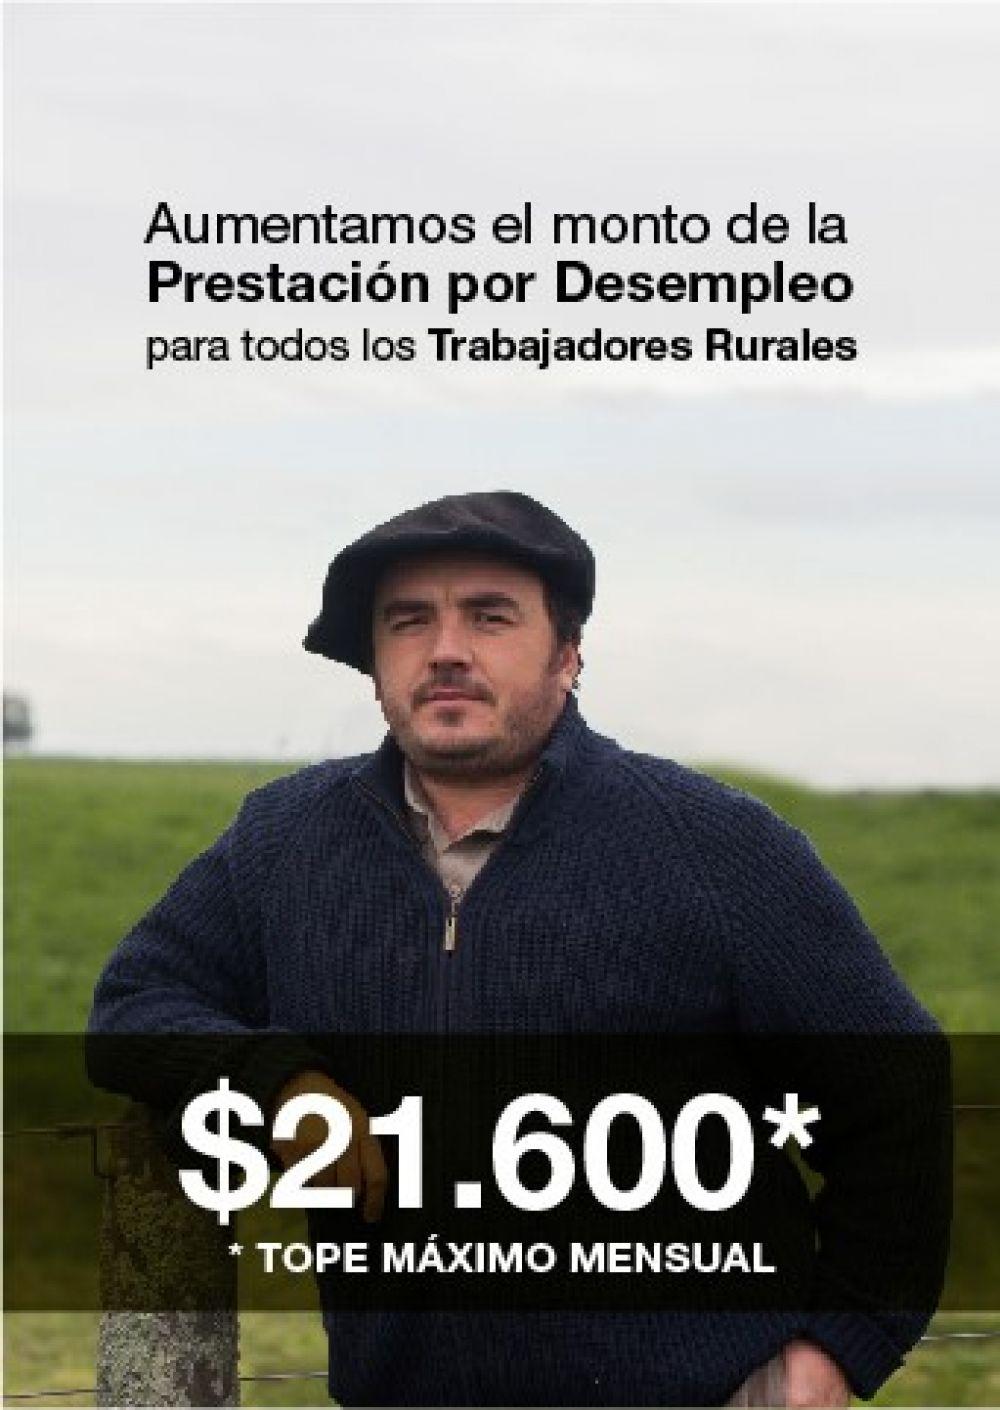 El RENATRE aumenta la Prestación por Desempleo a $21.600